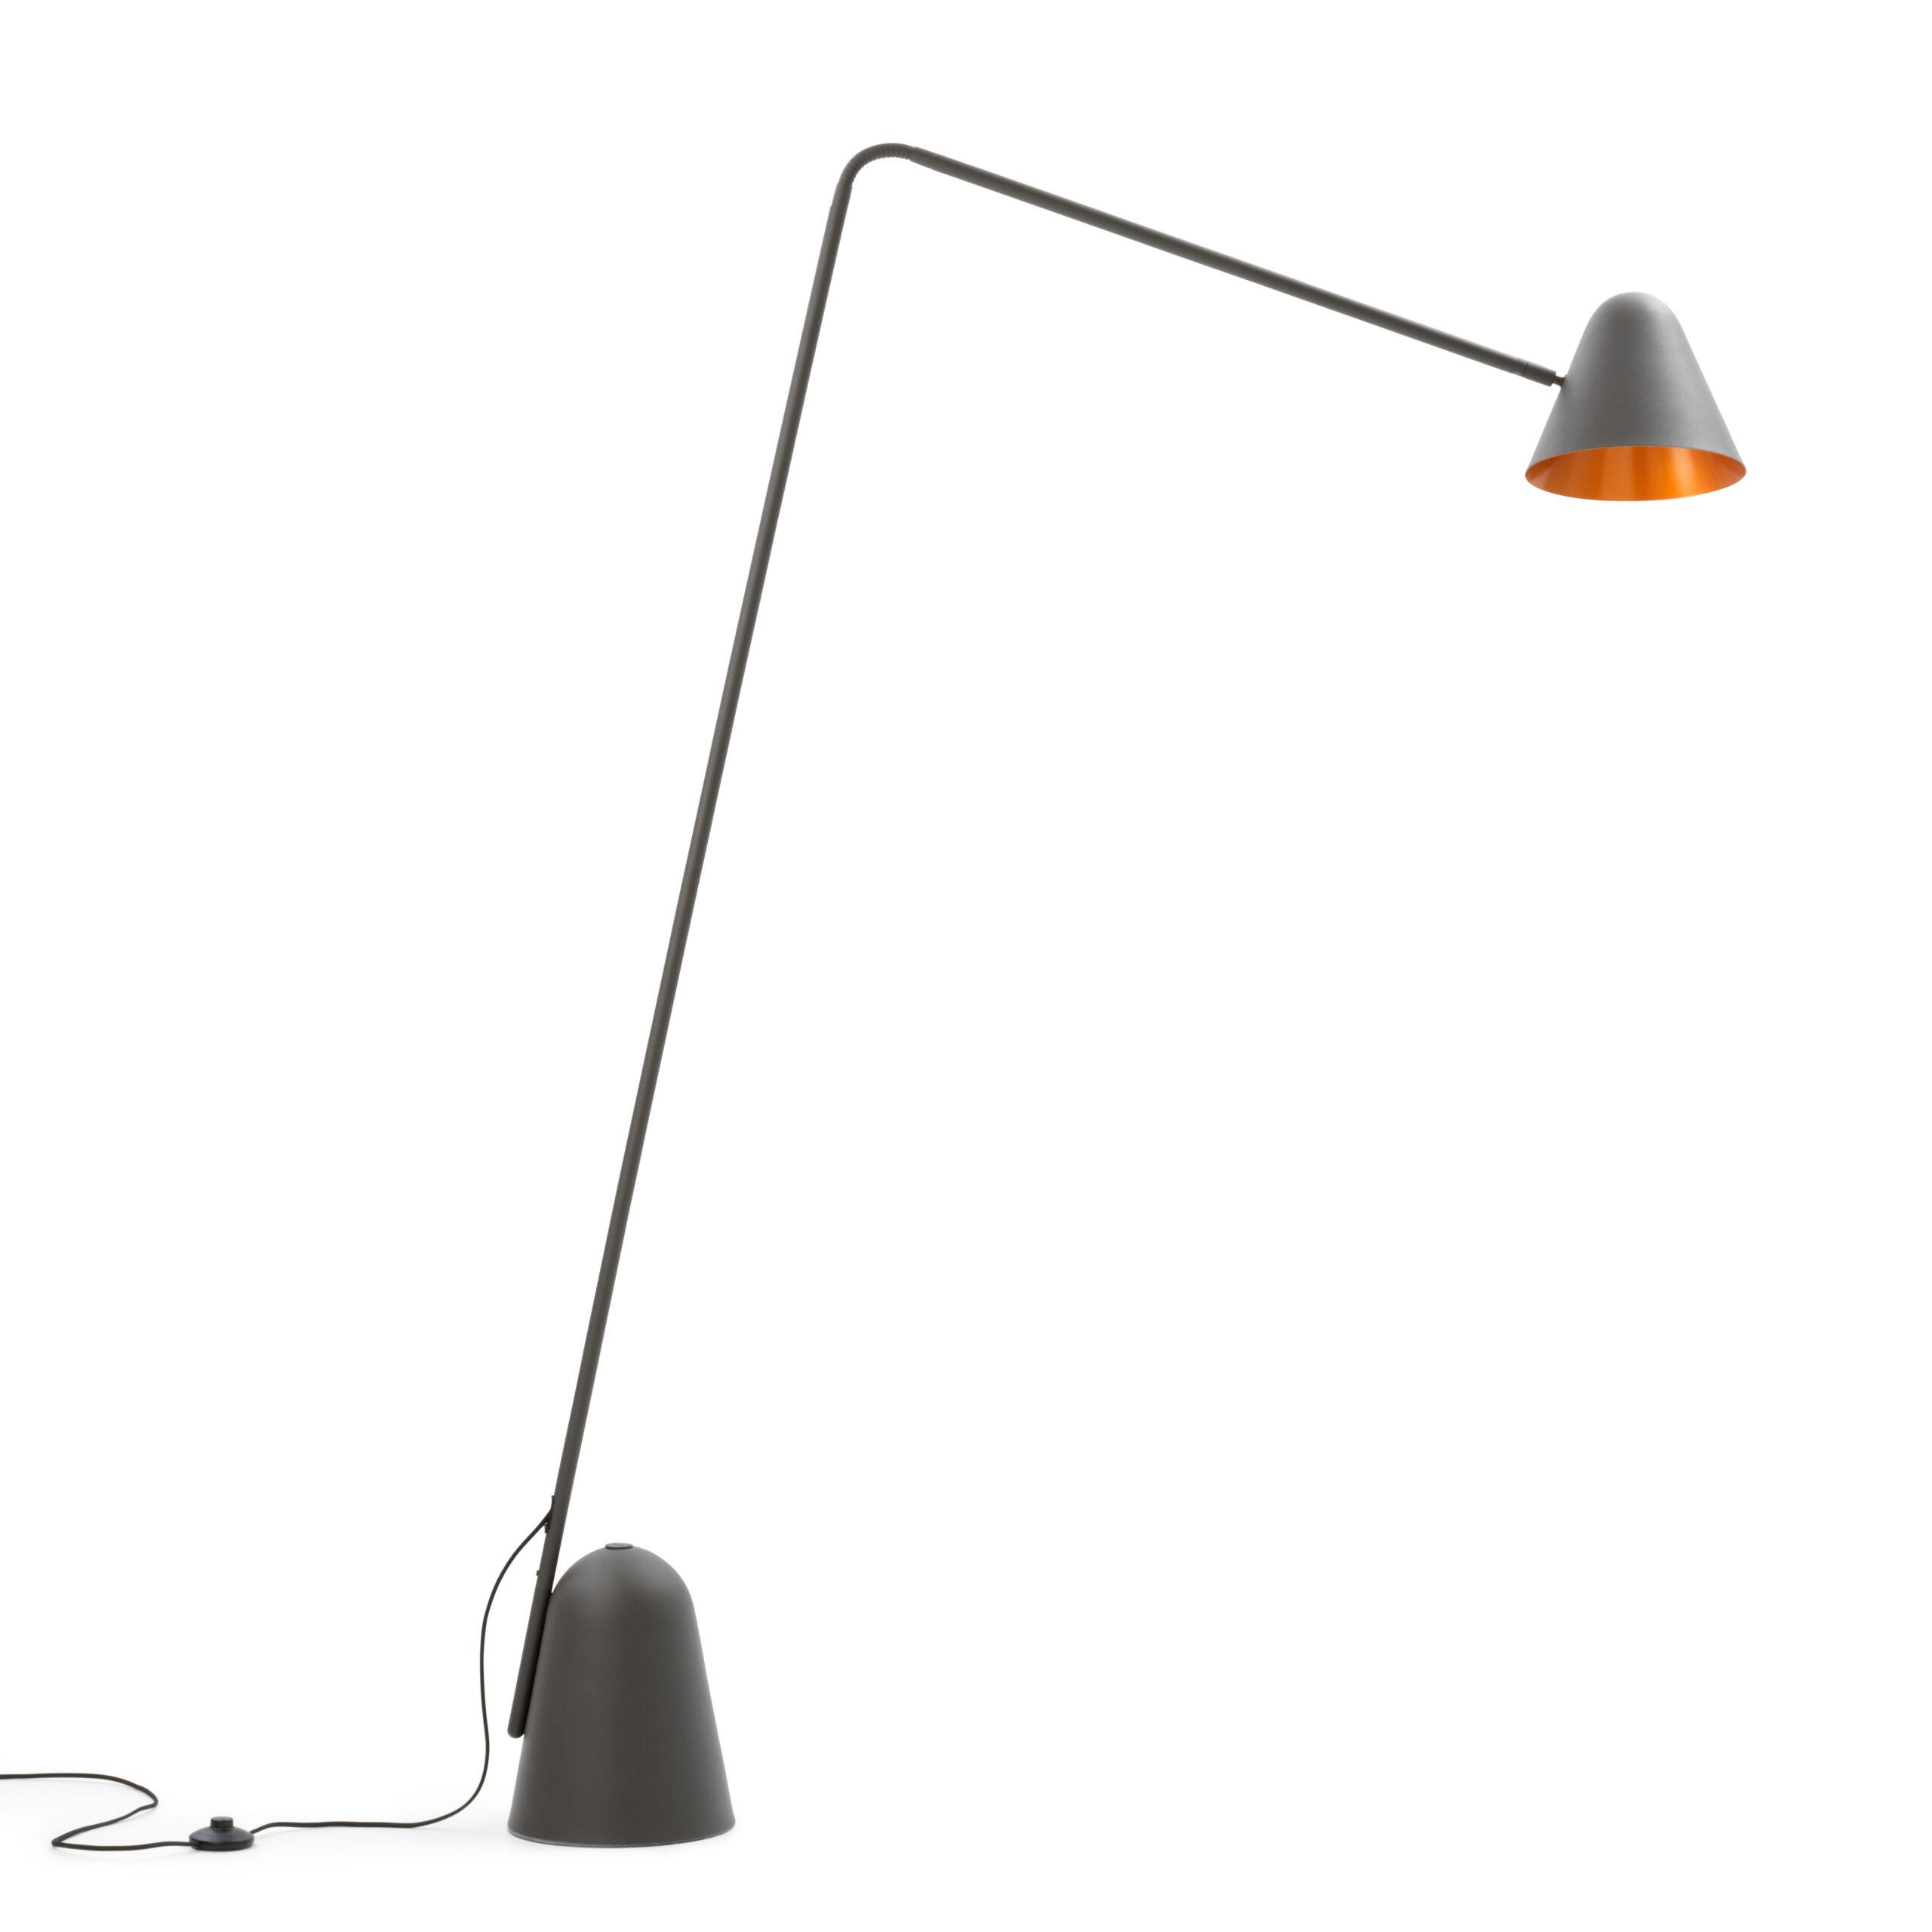 Lampe Pylaz